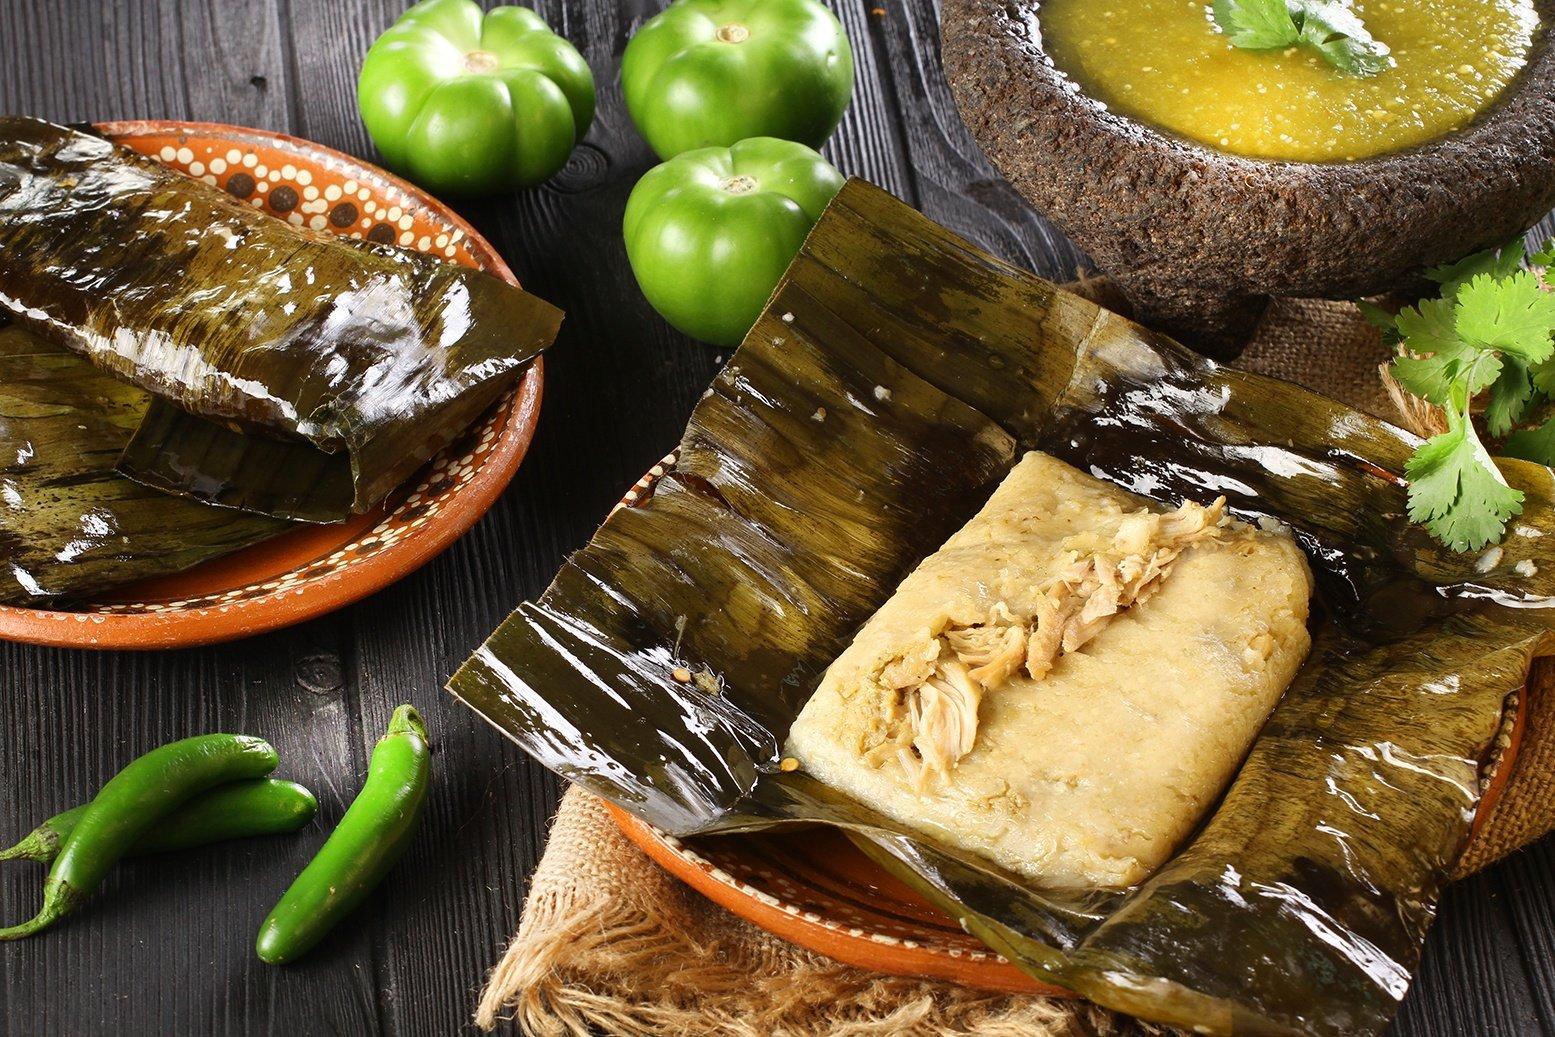 https://0201.nccdn.net/1_2/000/000/0d6/e8a/IMG_5271-pollo-en-salsa-verde-1555x1037.jpg